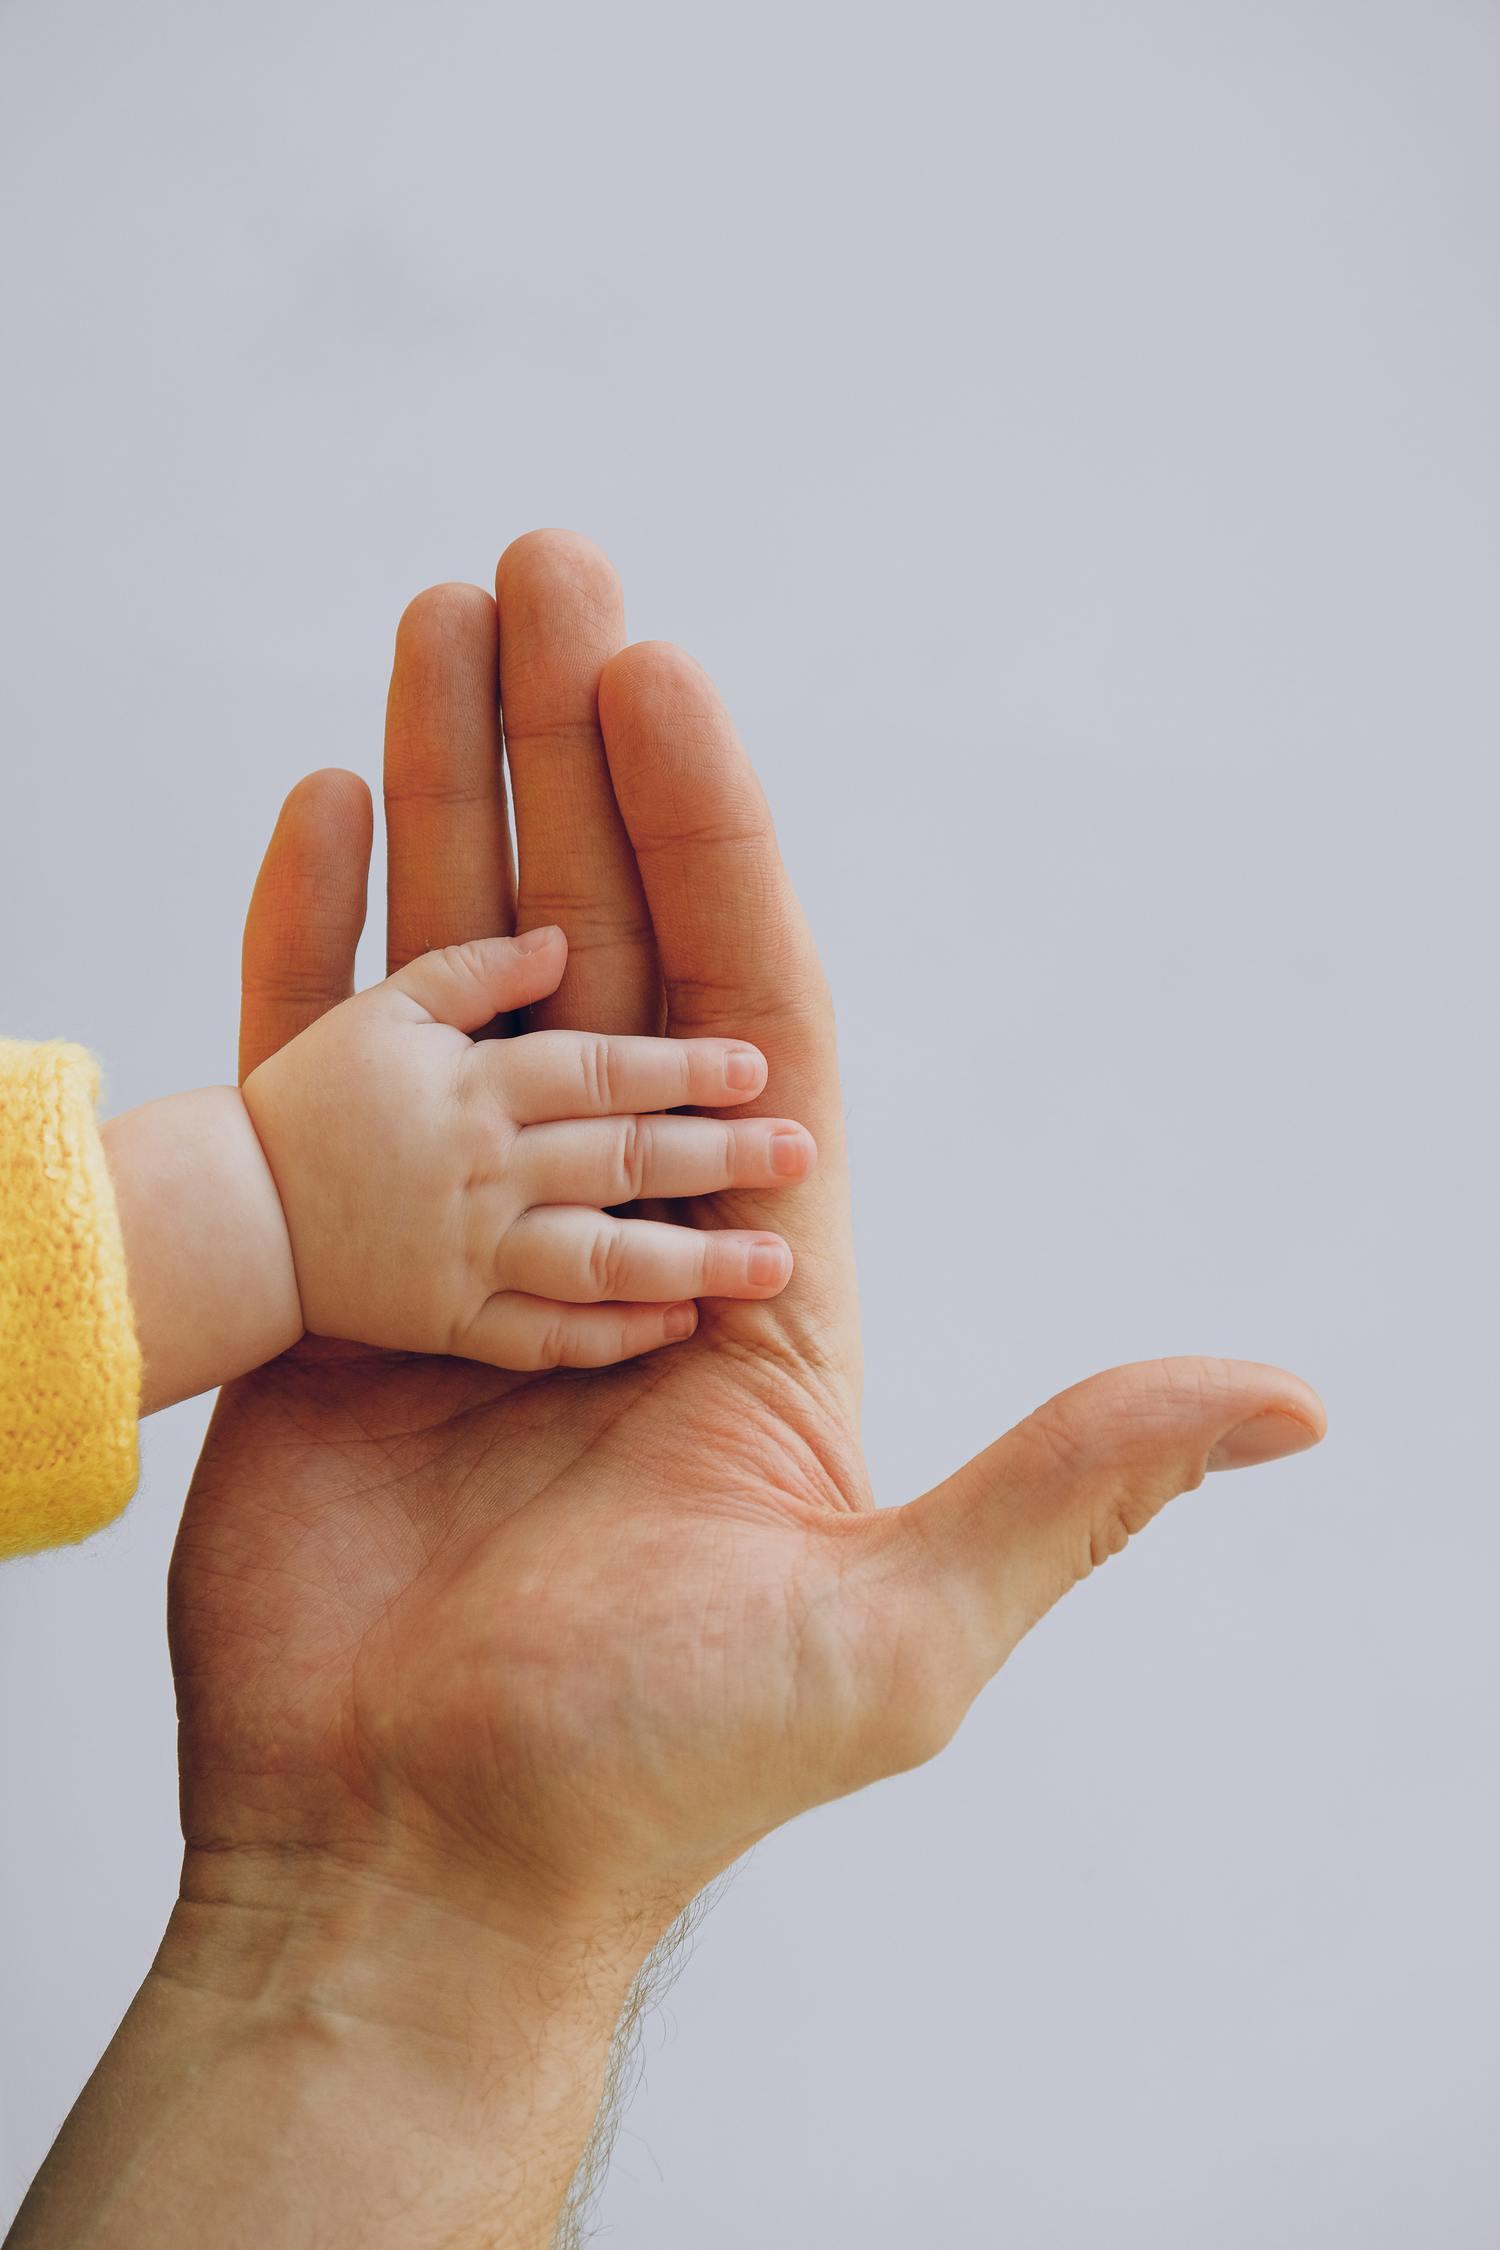 fotografía de bebés, detalle de manos escala